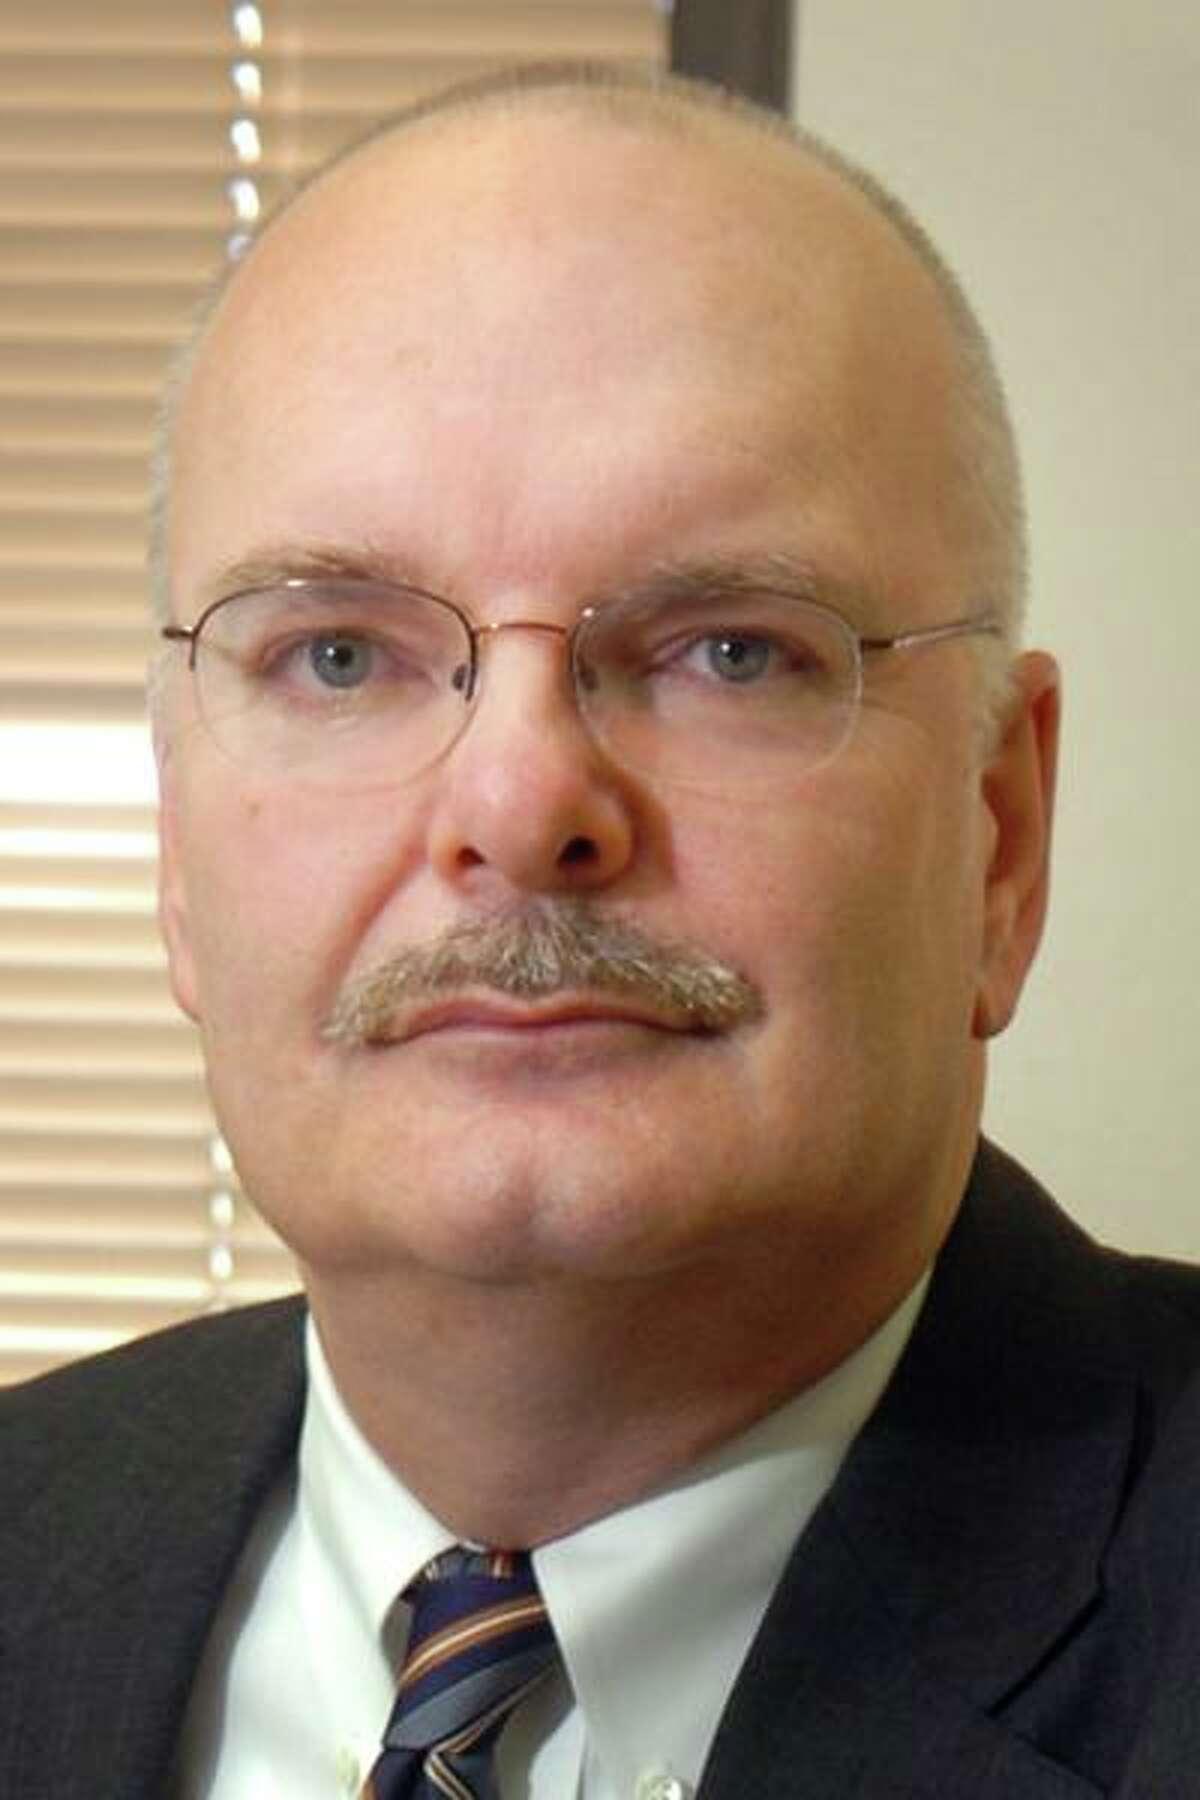 John Smriga retired as Bridgeport state's attorney in February.